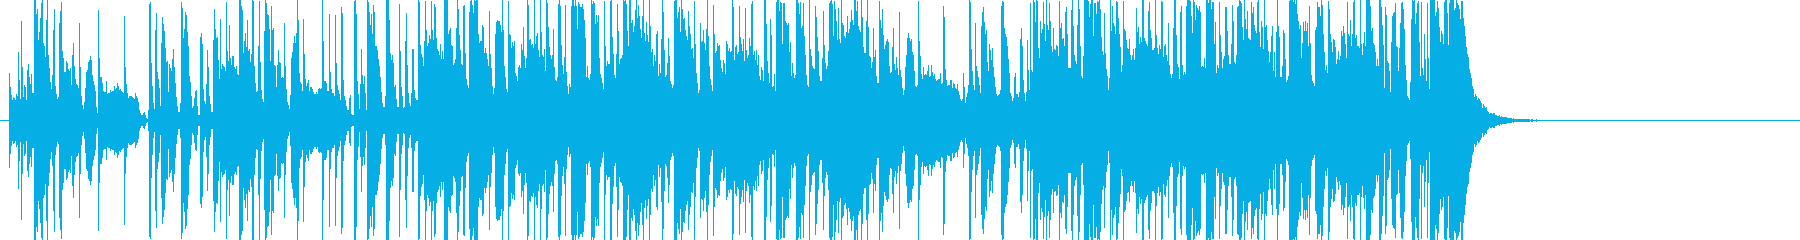 子どもが、何気なく、遊びで歌った歌詞を…の再生済みの波形